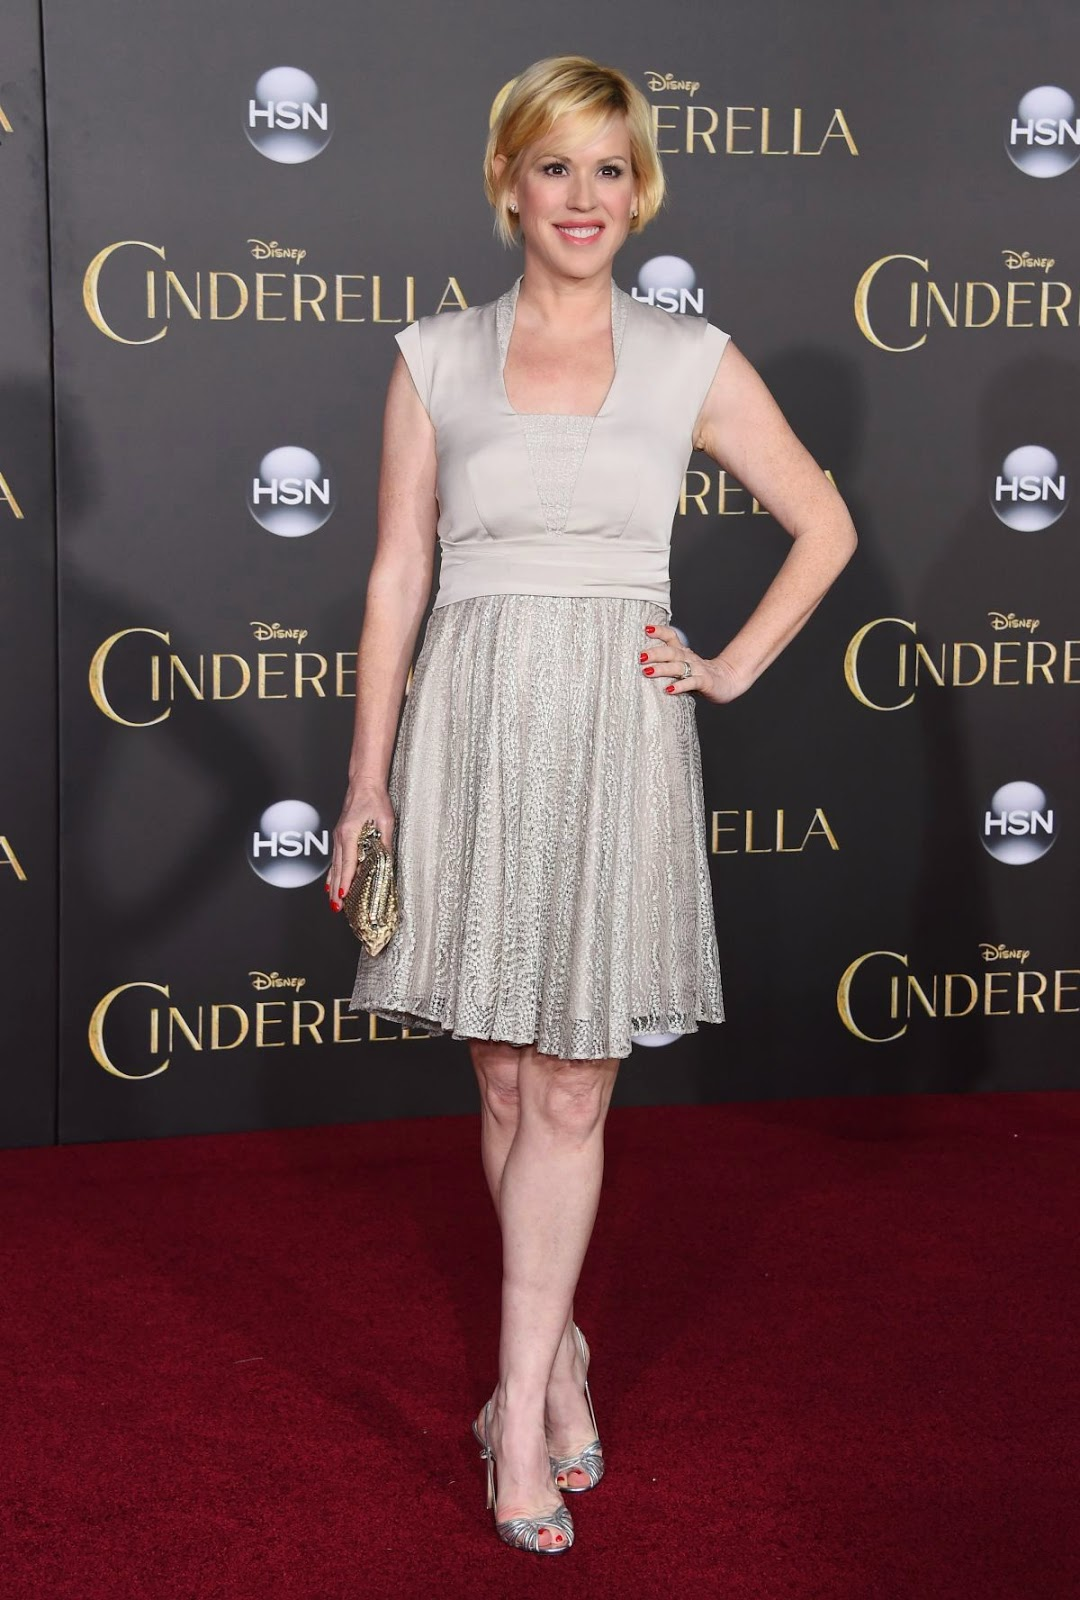 Actress @ Molly Ringwald - 'Cinderella' premiere at El Capitan Theatre in Los Angeles